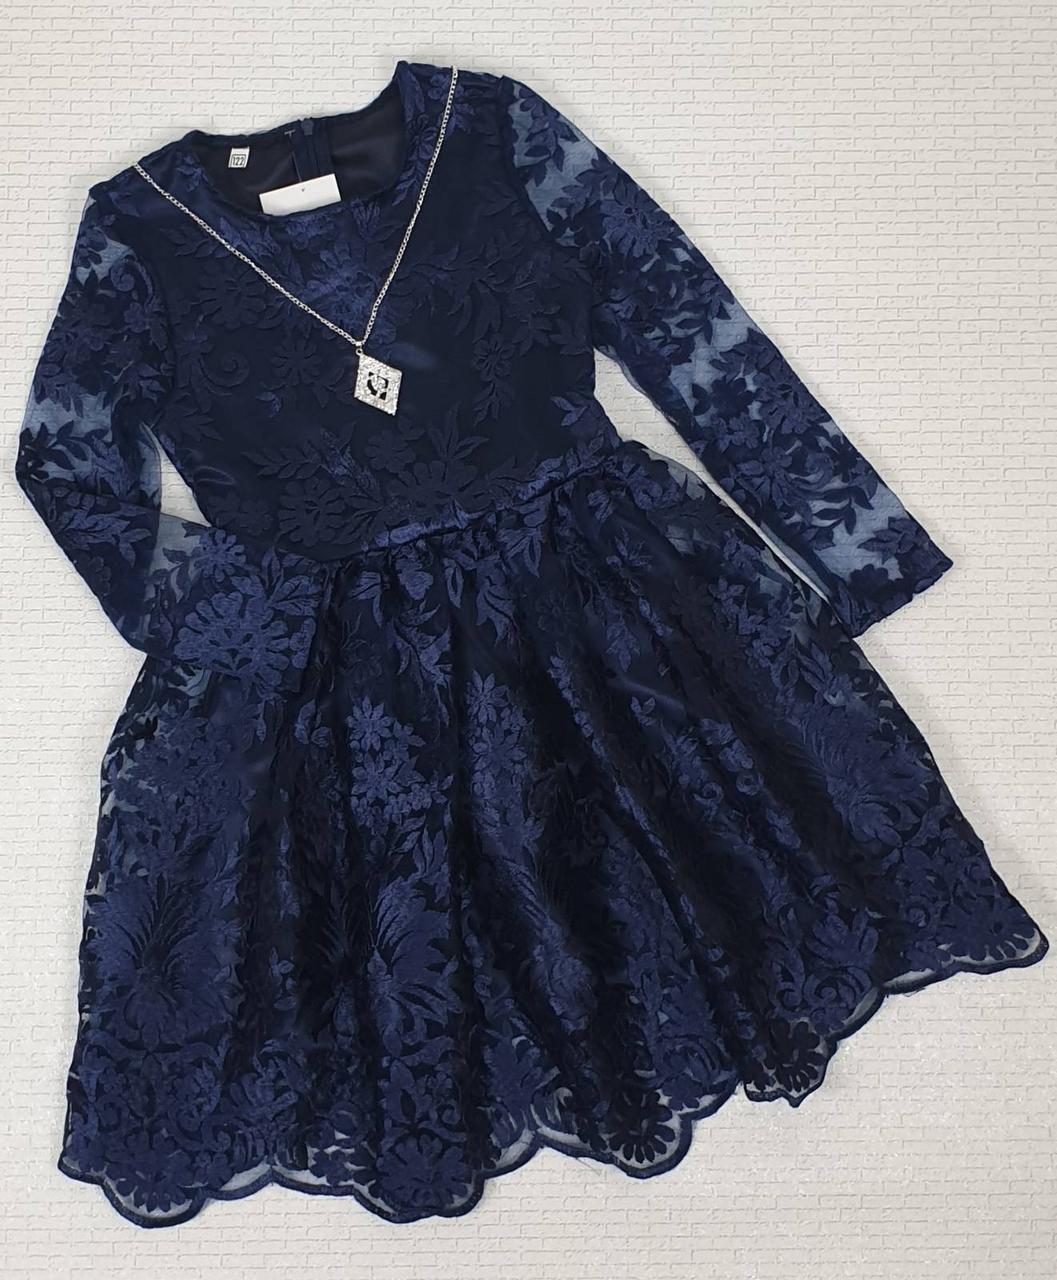 Детское нарядное платье  р.122-134 лет опт т.синие